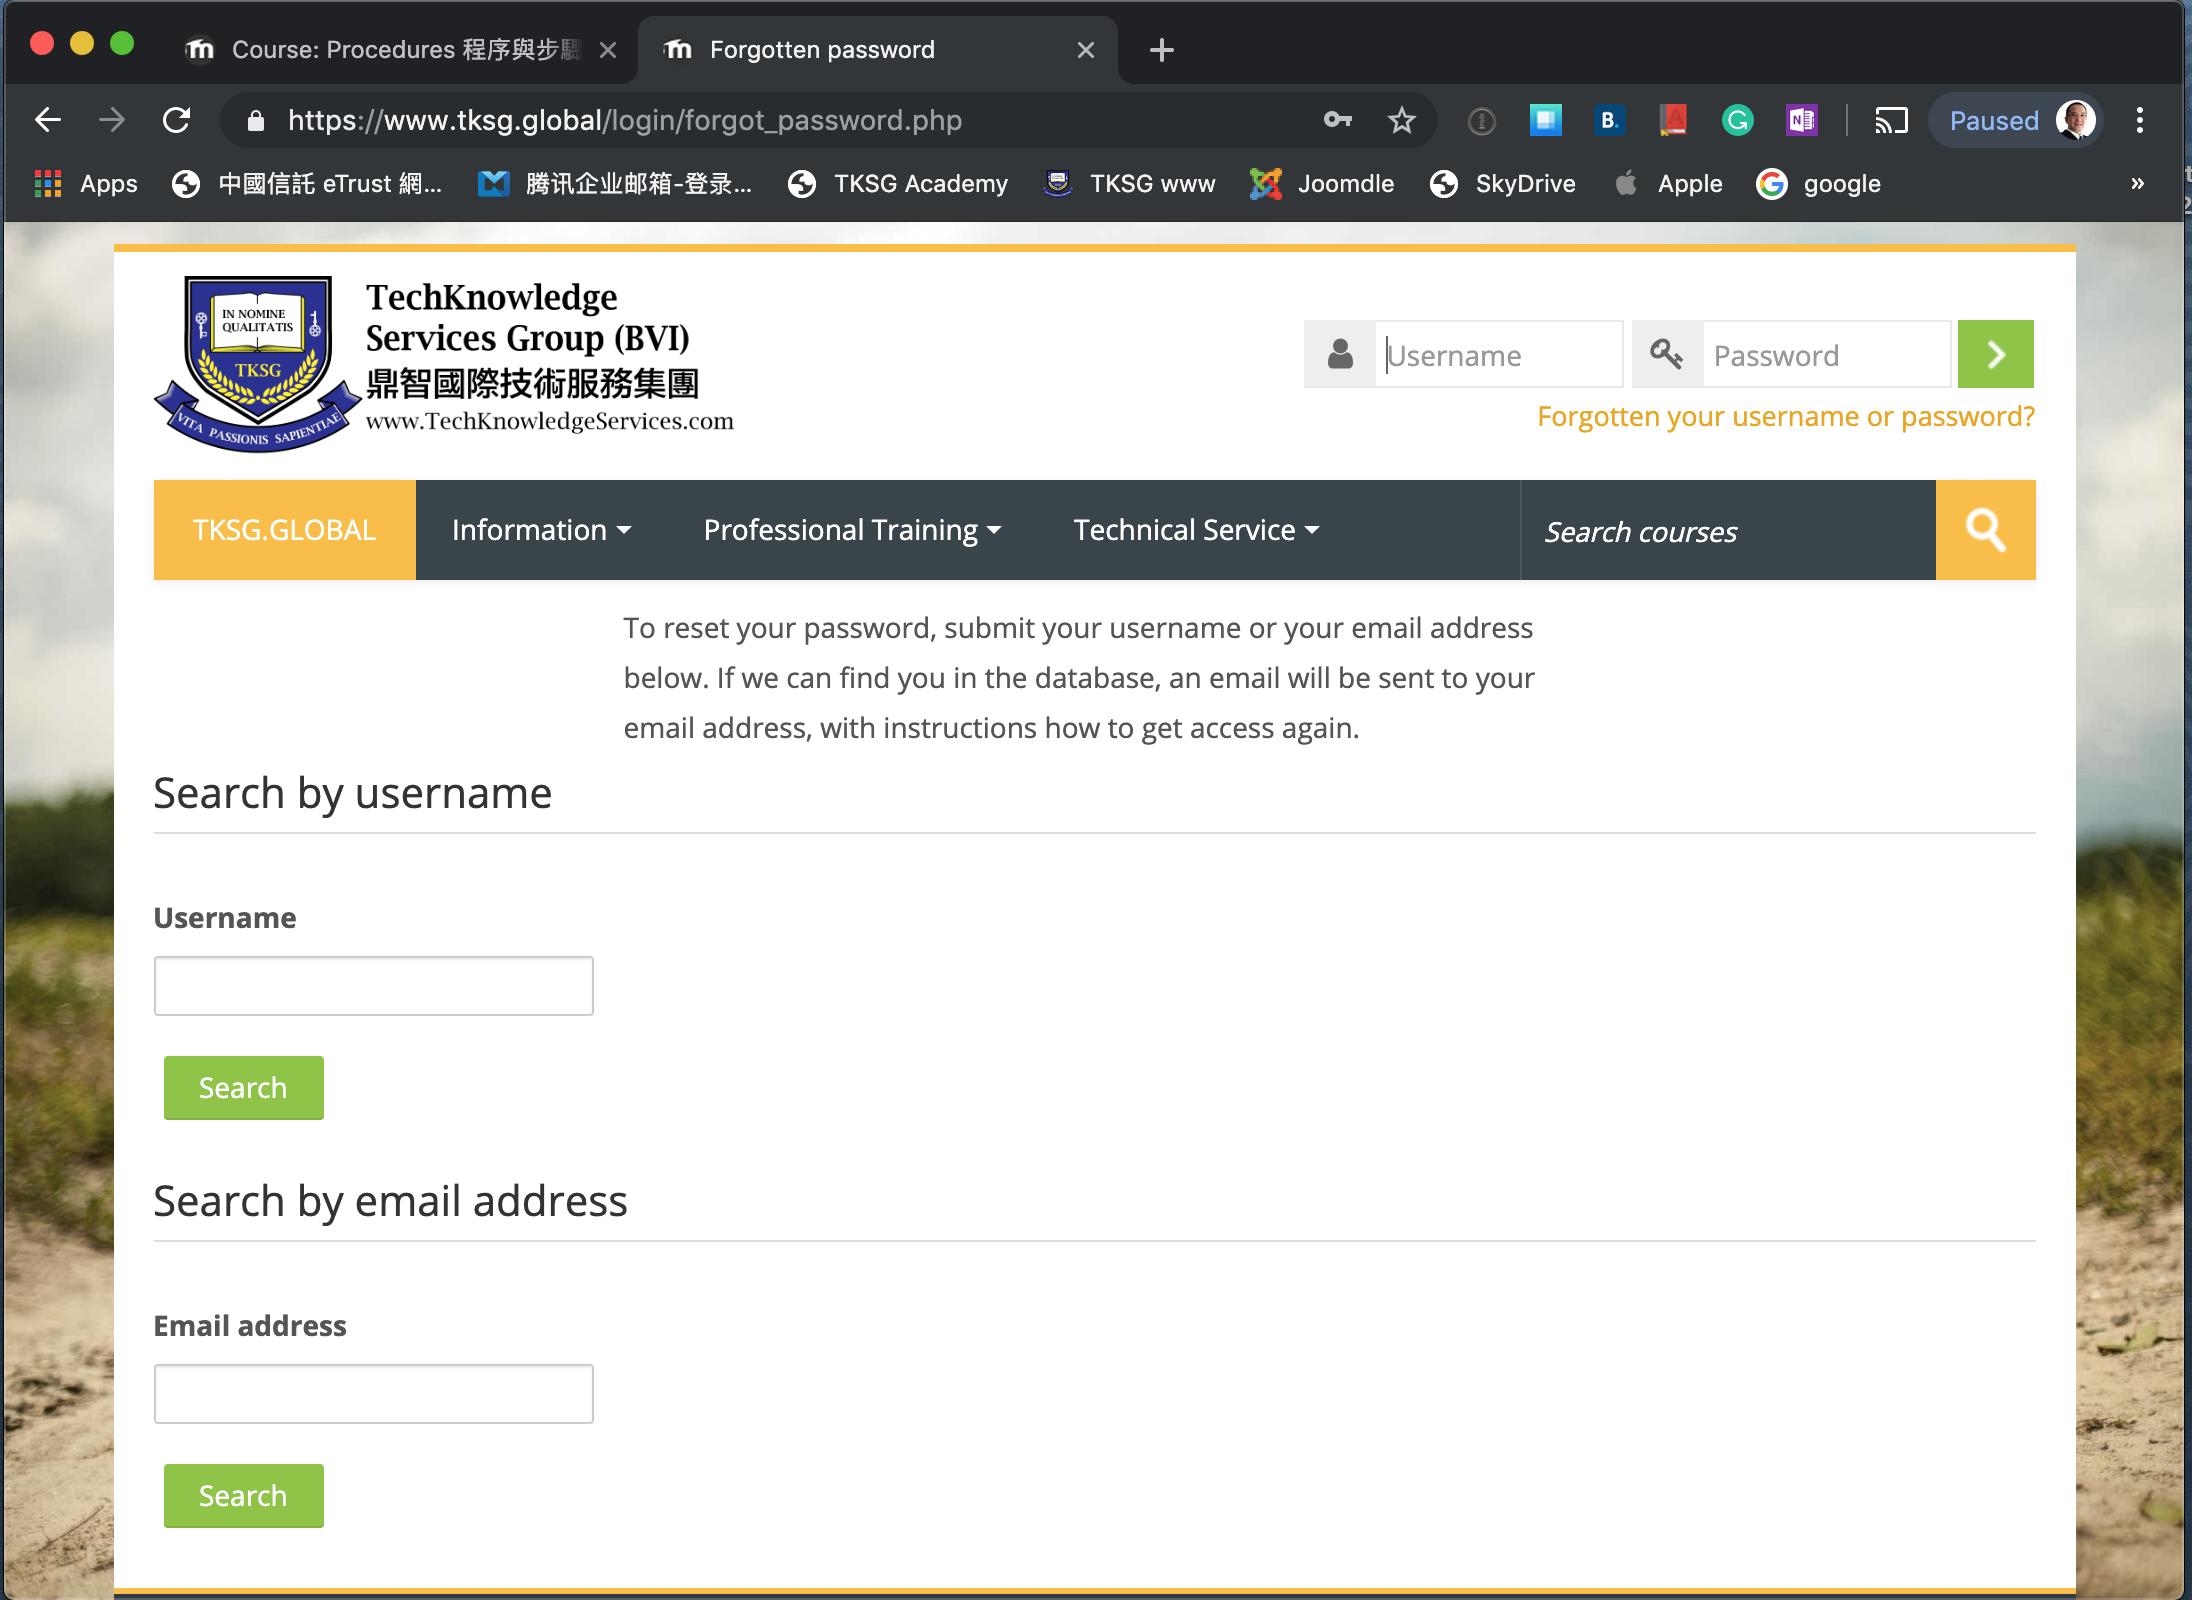 TKSG_Procedures: Procedure for reseting your password